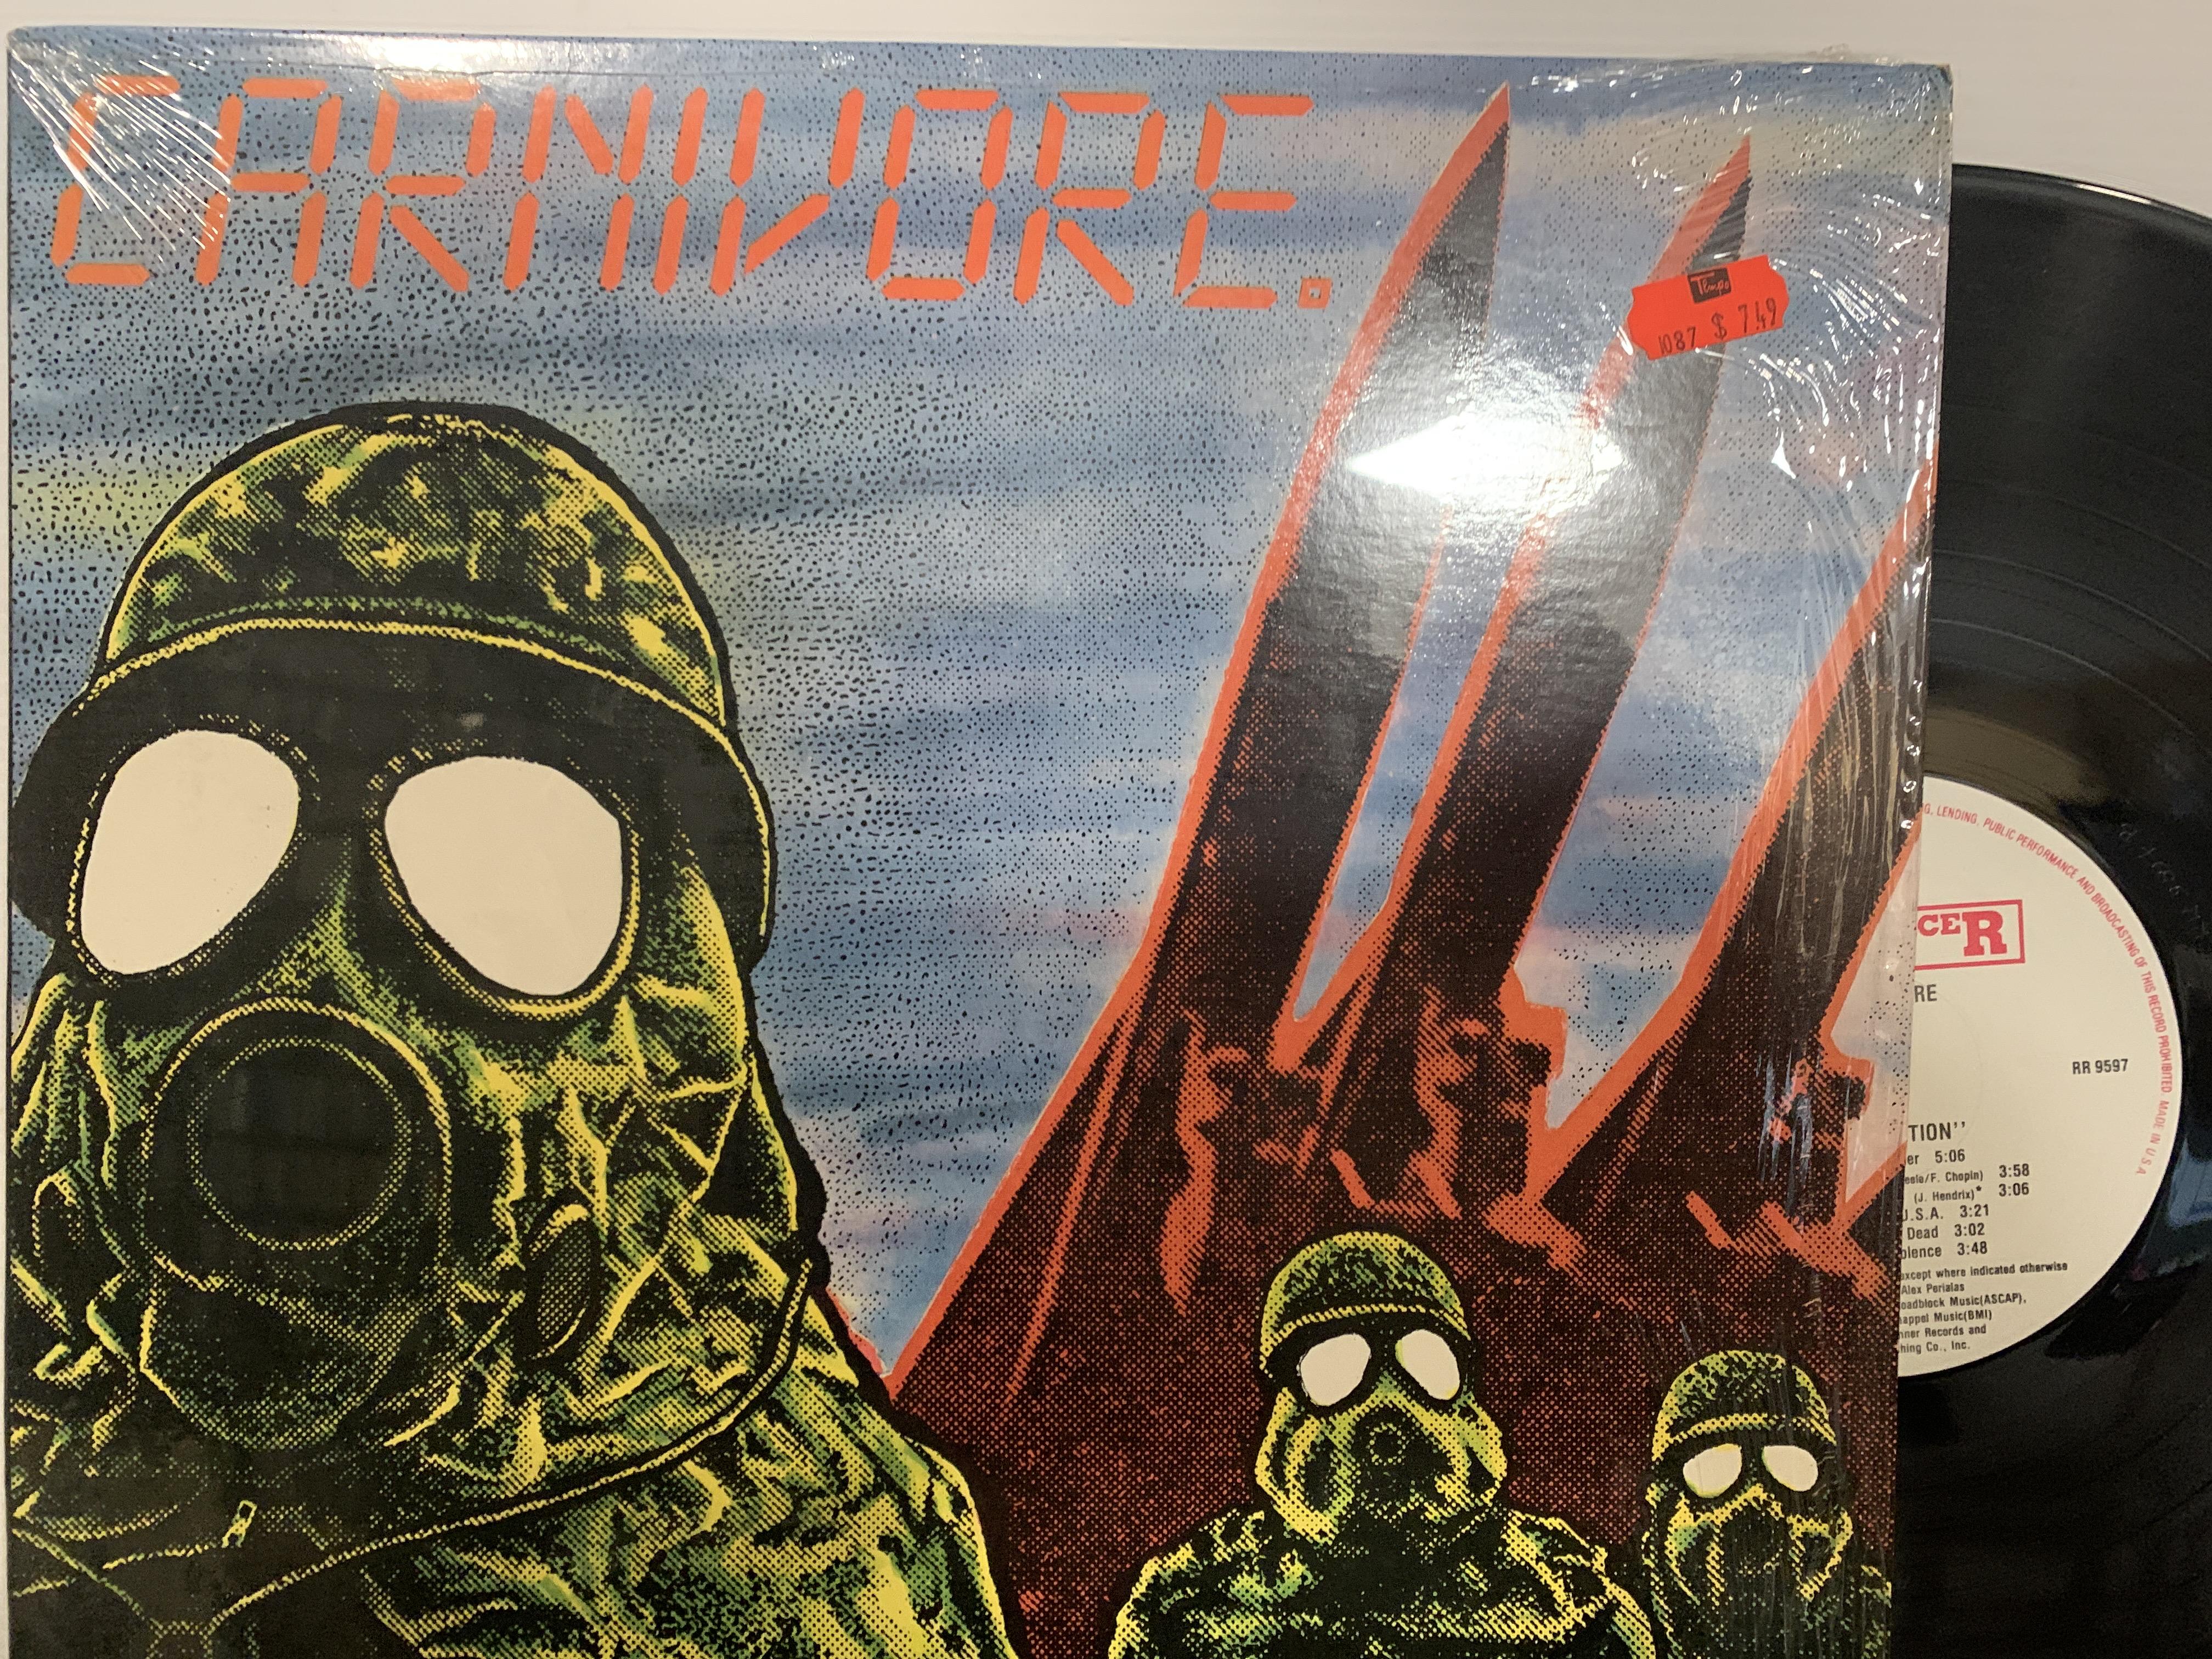 Carnivore-–-Retaliation-LP-1987-Roadracer-Records-–-RR-9597-EXEX-In-OG-Shrink